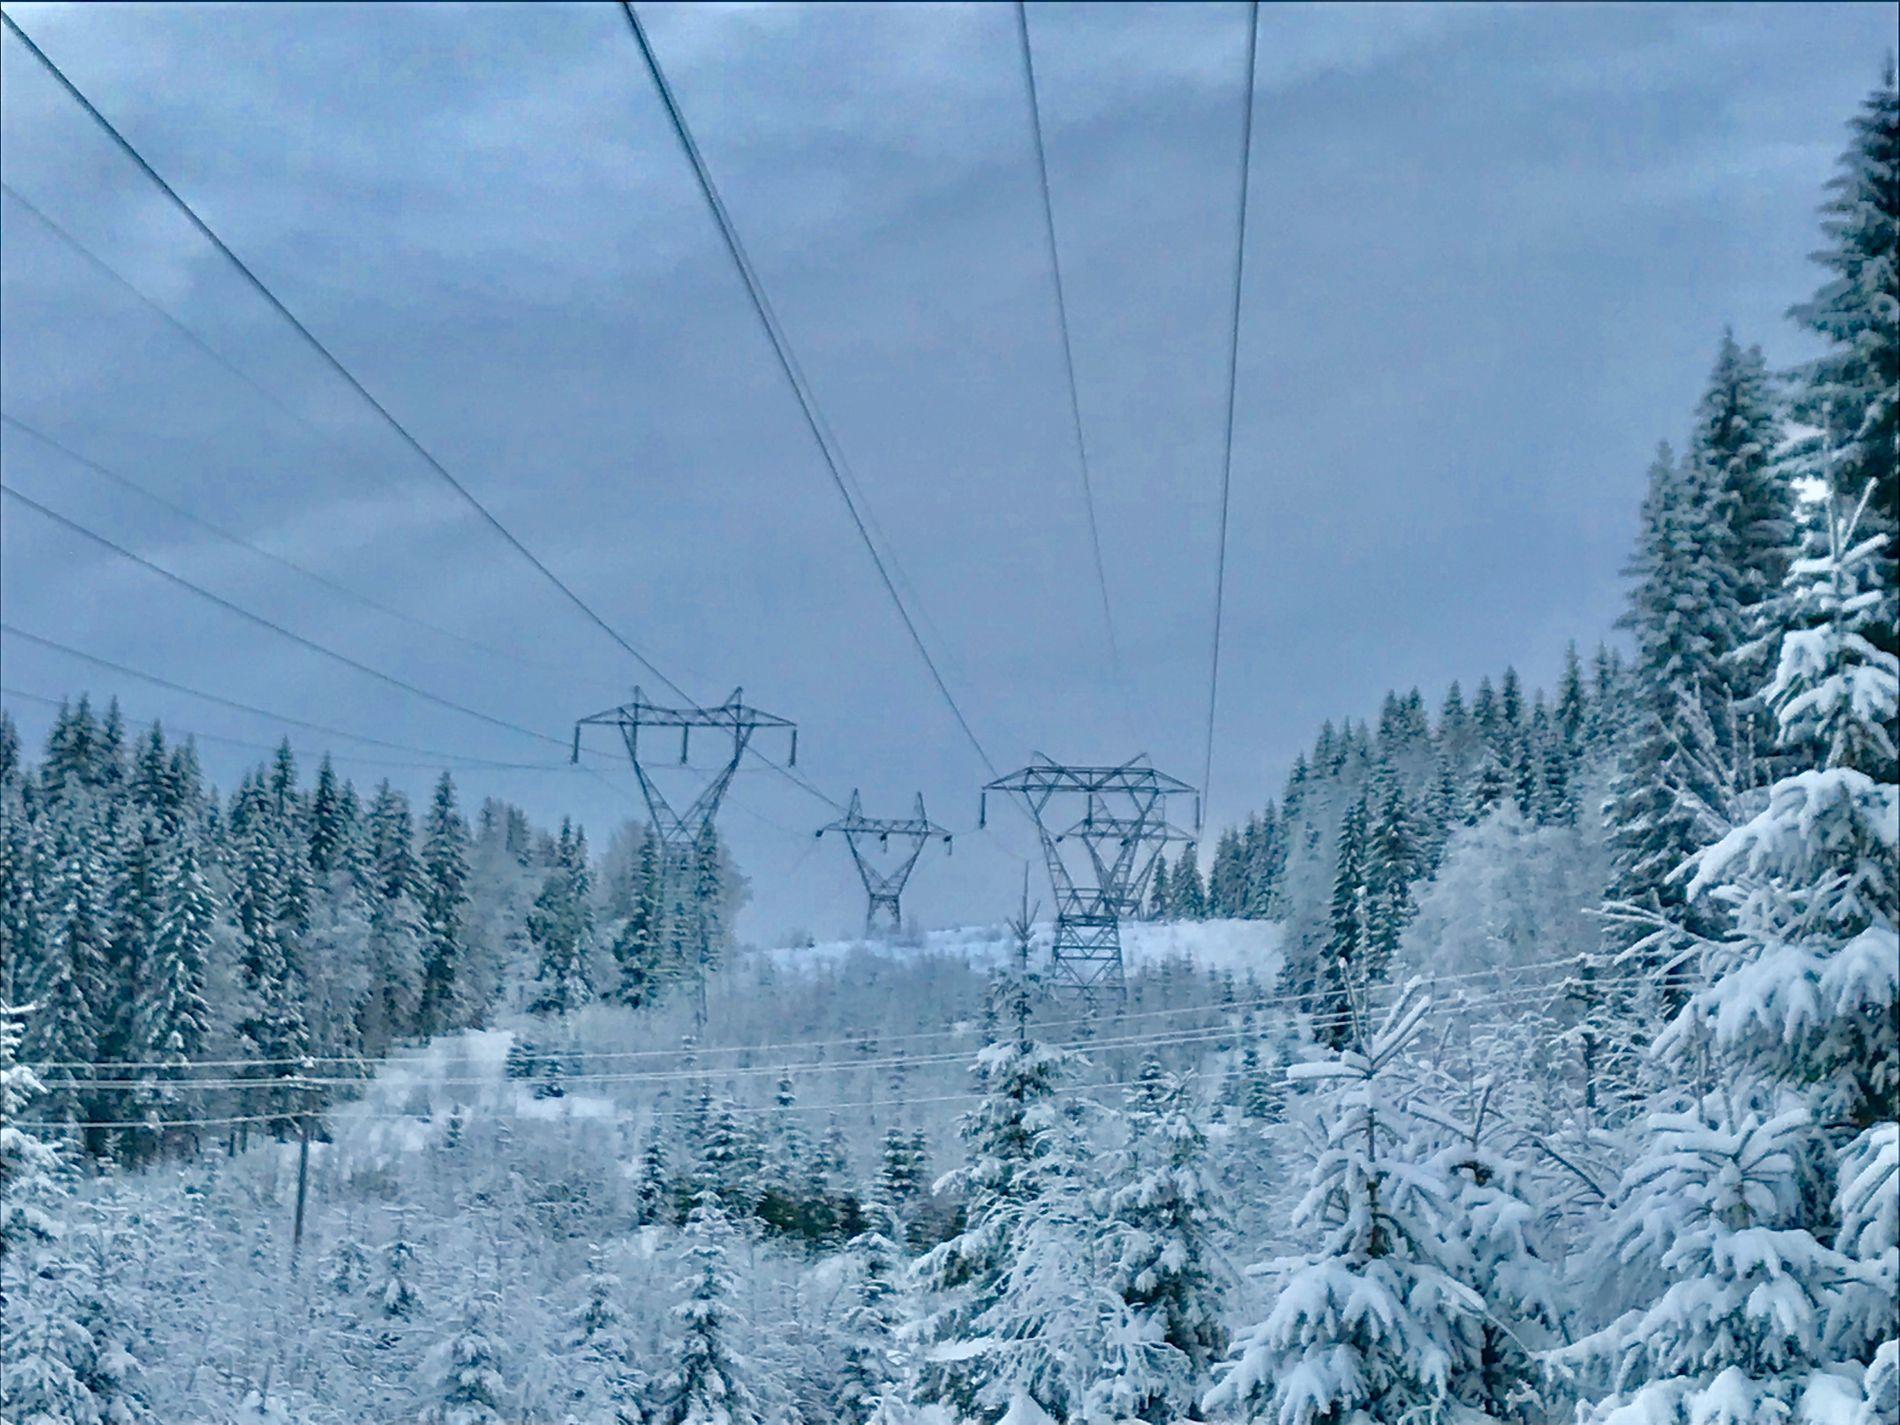 ISKALDT: I Nordmarka i januar i år var trærne dekket av snø. Nå frykter forbrukerdirektøren at et nytt forslag vil gjøre folk reddere for å bruke strøm når det er såpass kaldt ute som her.